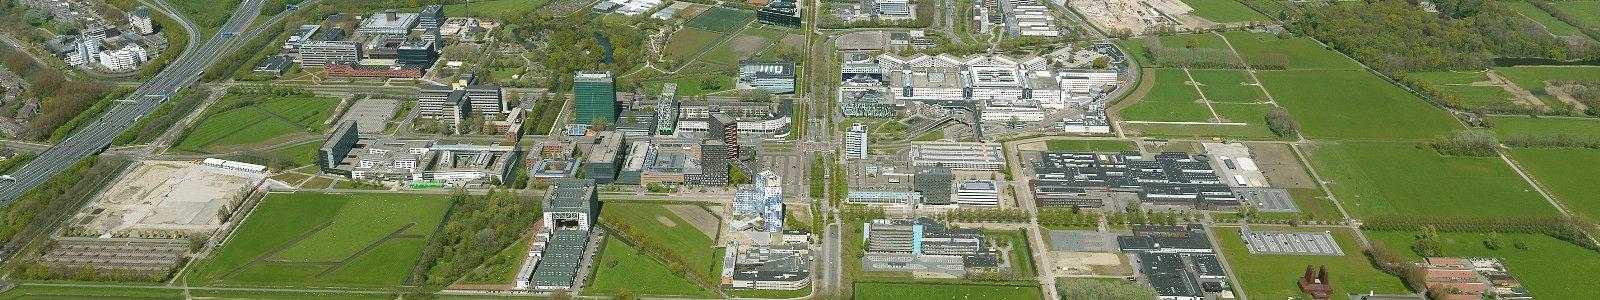 Het Utrecht Science Park vanuit de lucht